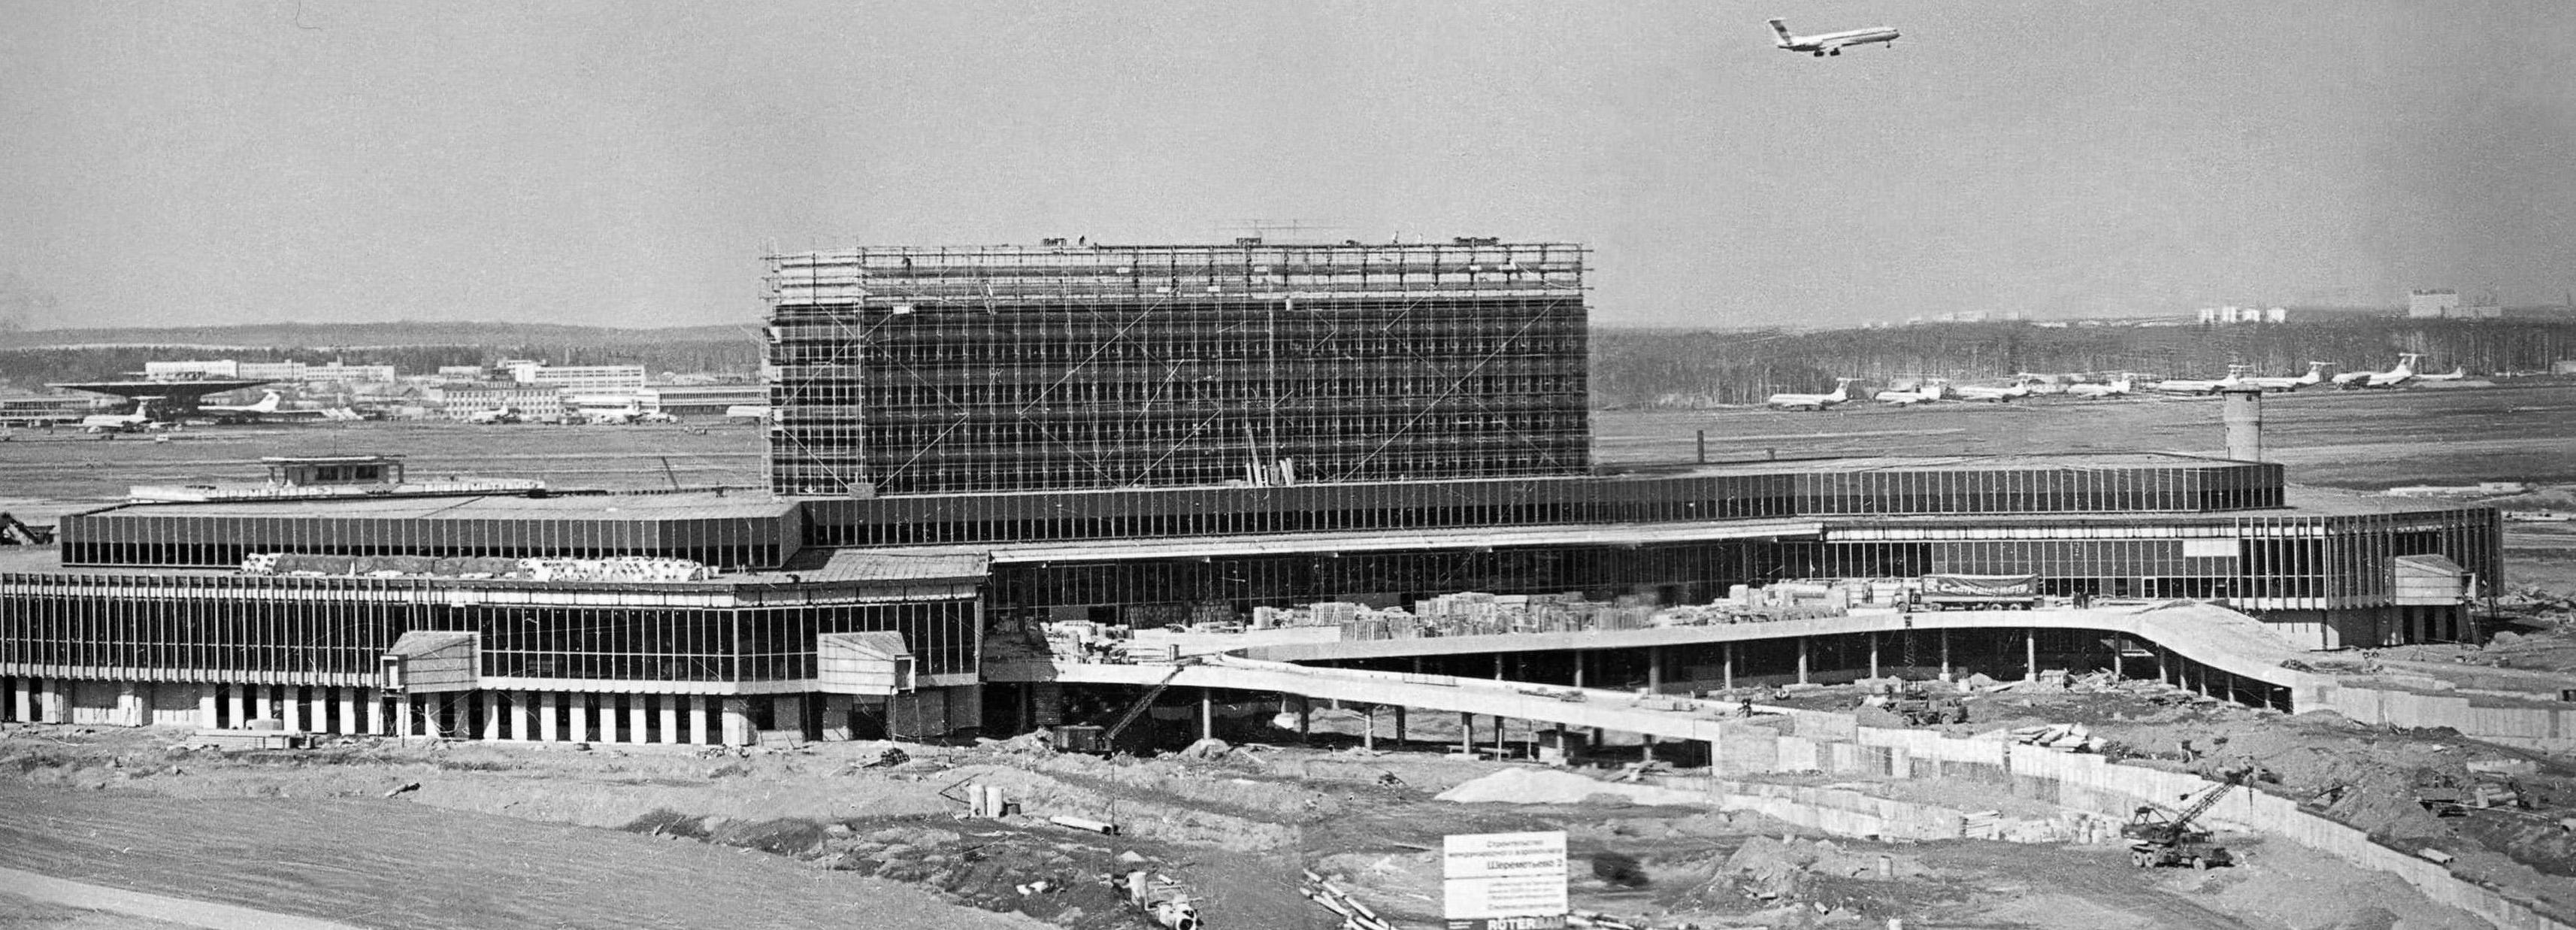 1979. Аэропорт «Шереметьево-2» строится